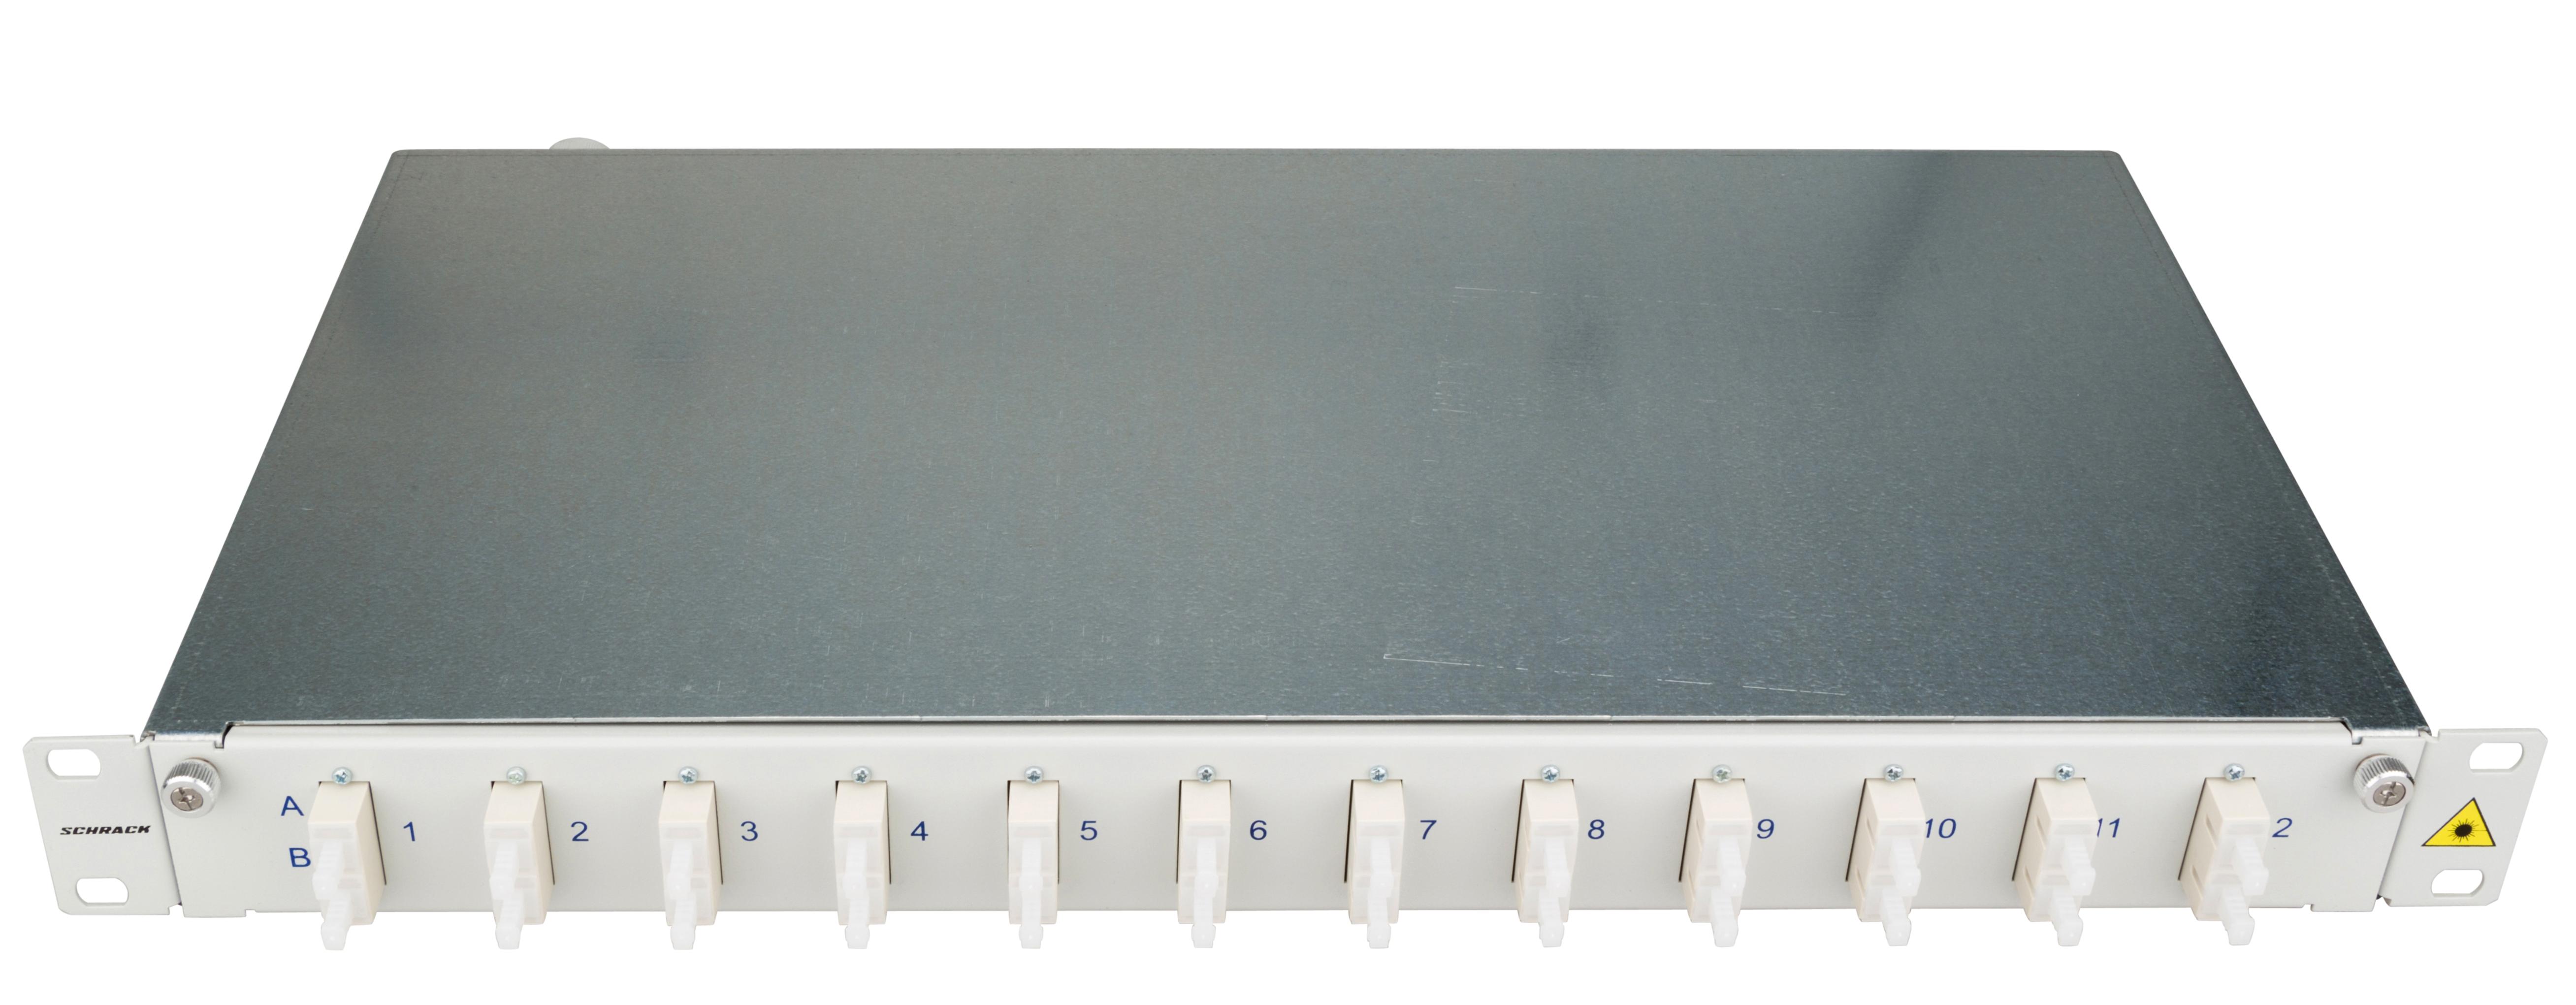 1 Stk LWL Patchpanel 19, 1 HE, ausziehbar, für 8 Fasern, SC, MM HSELS08MCG